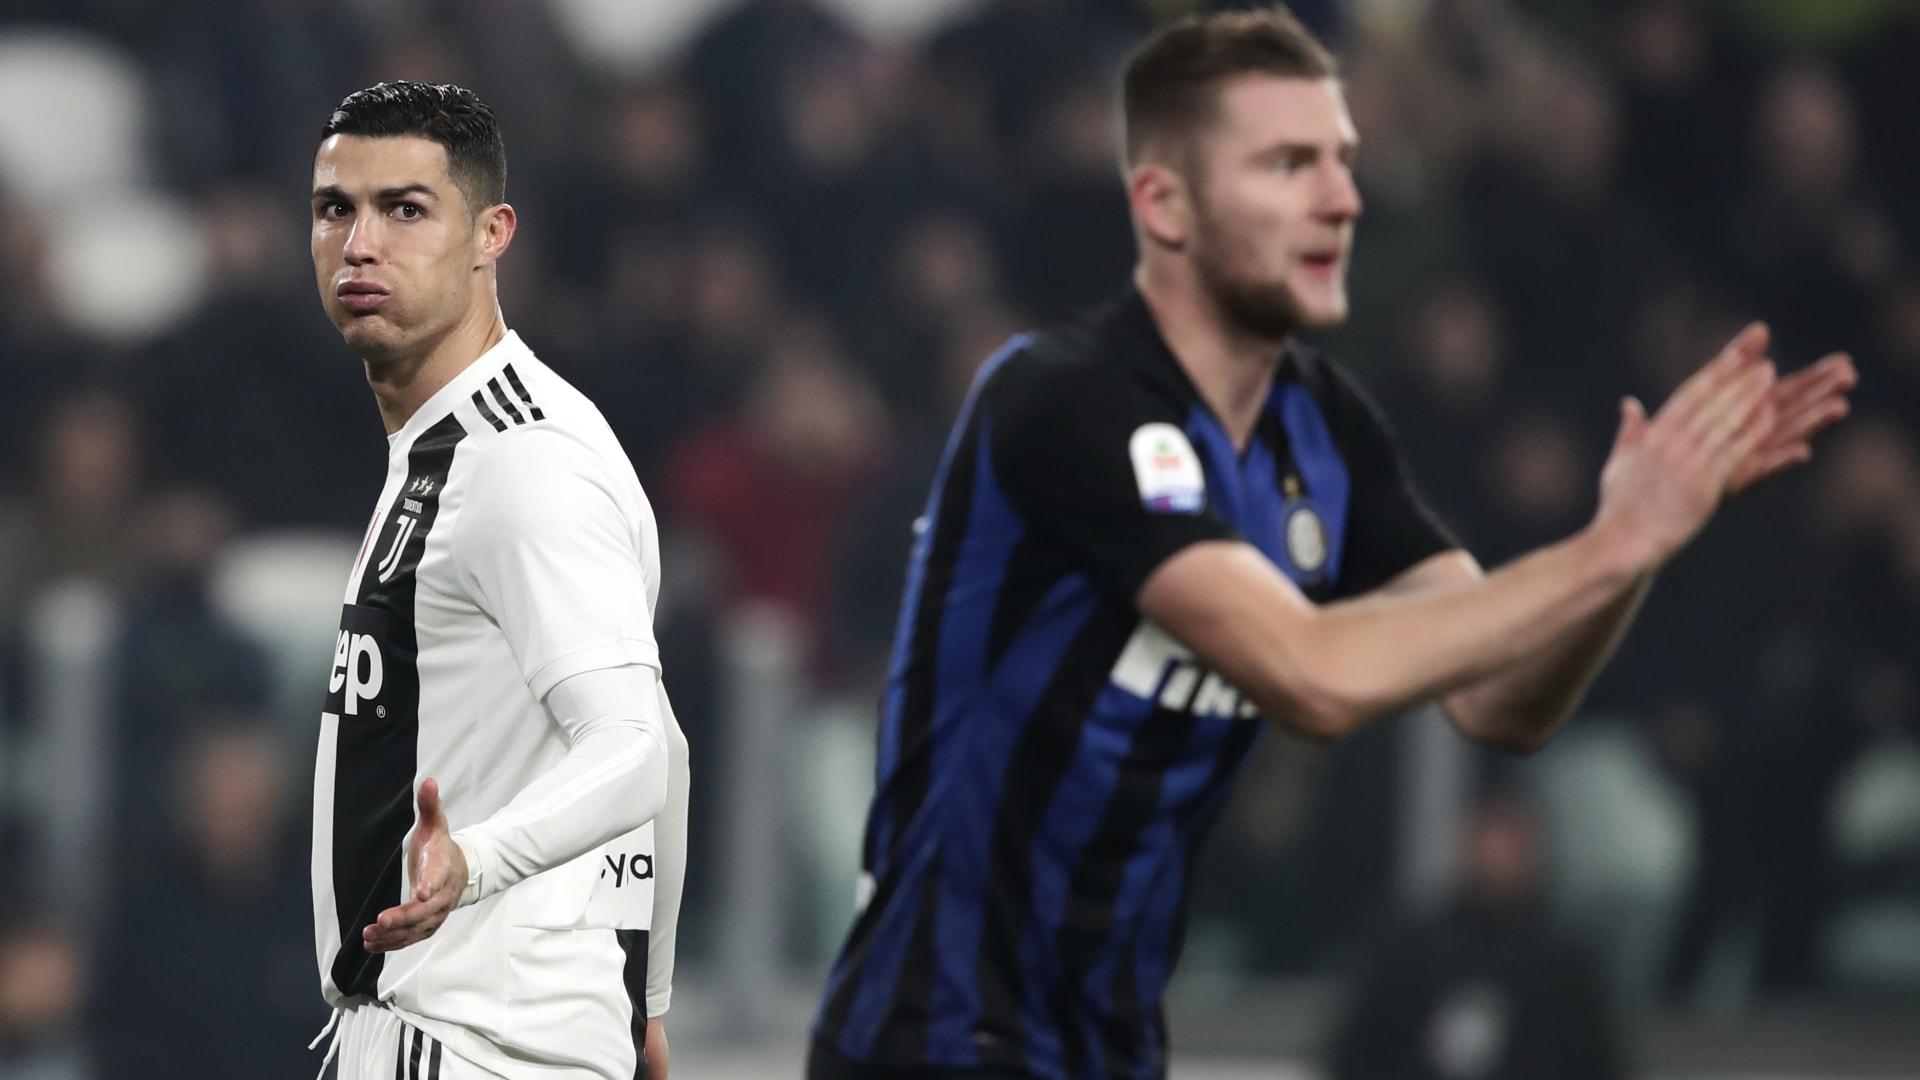 وزير الرياضة الإيطالي: يجب تعليق مباريات الدوري لمنع تفشي كورونا